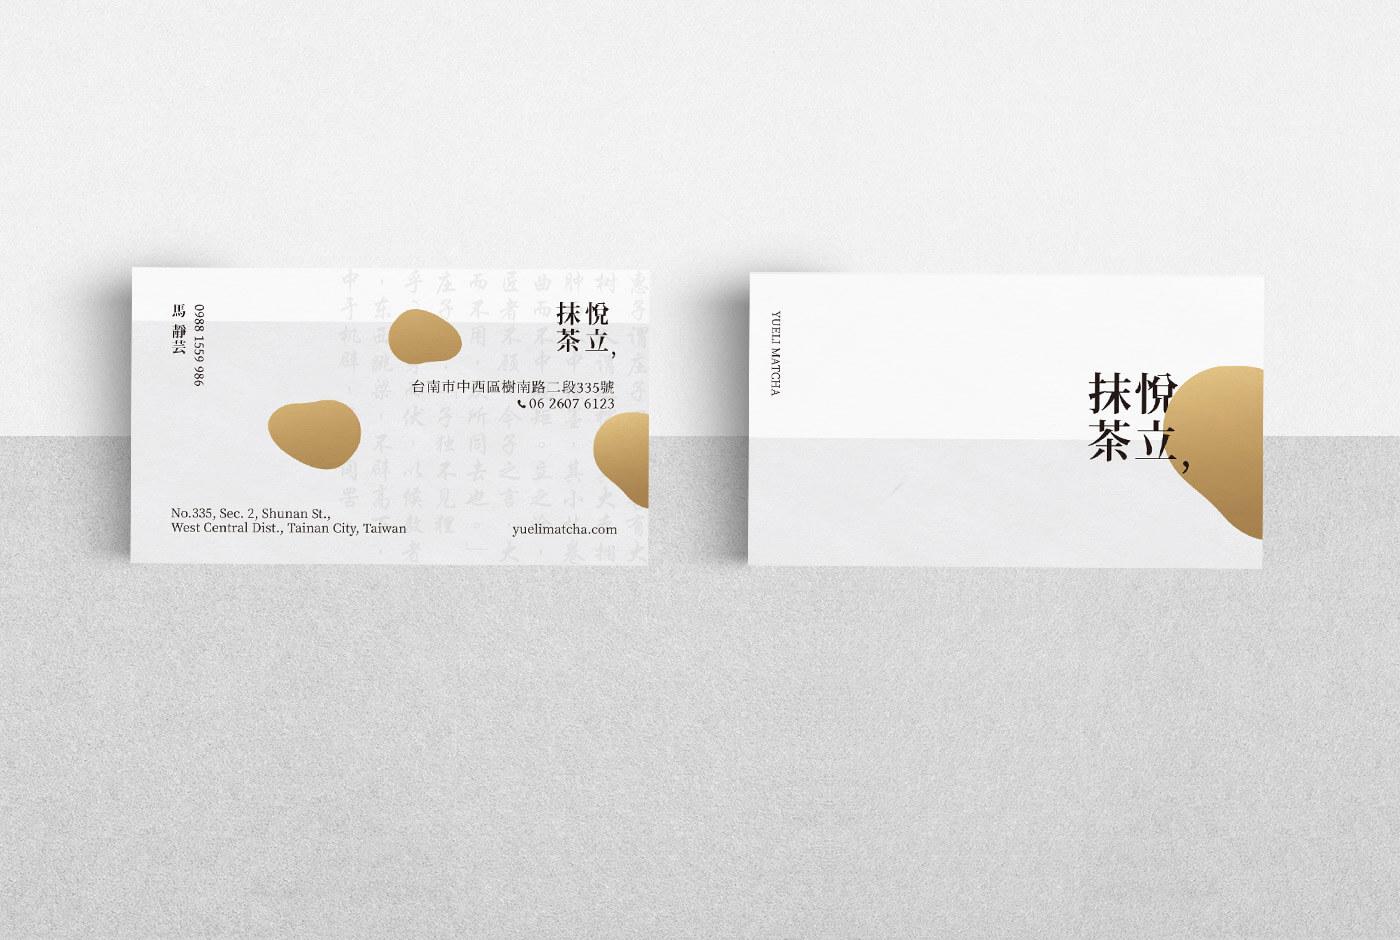 日式料理餐廳名片製作